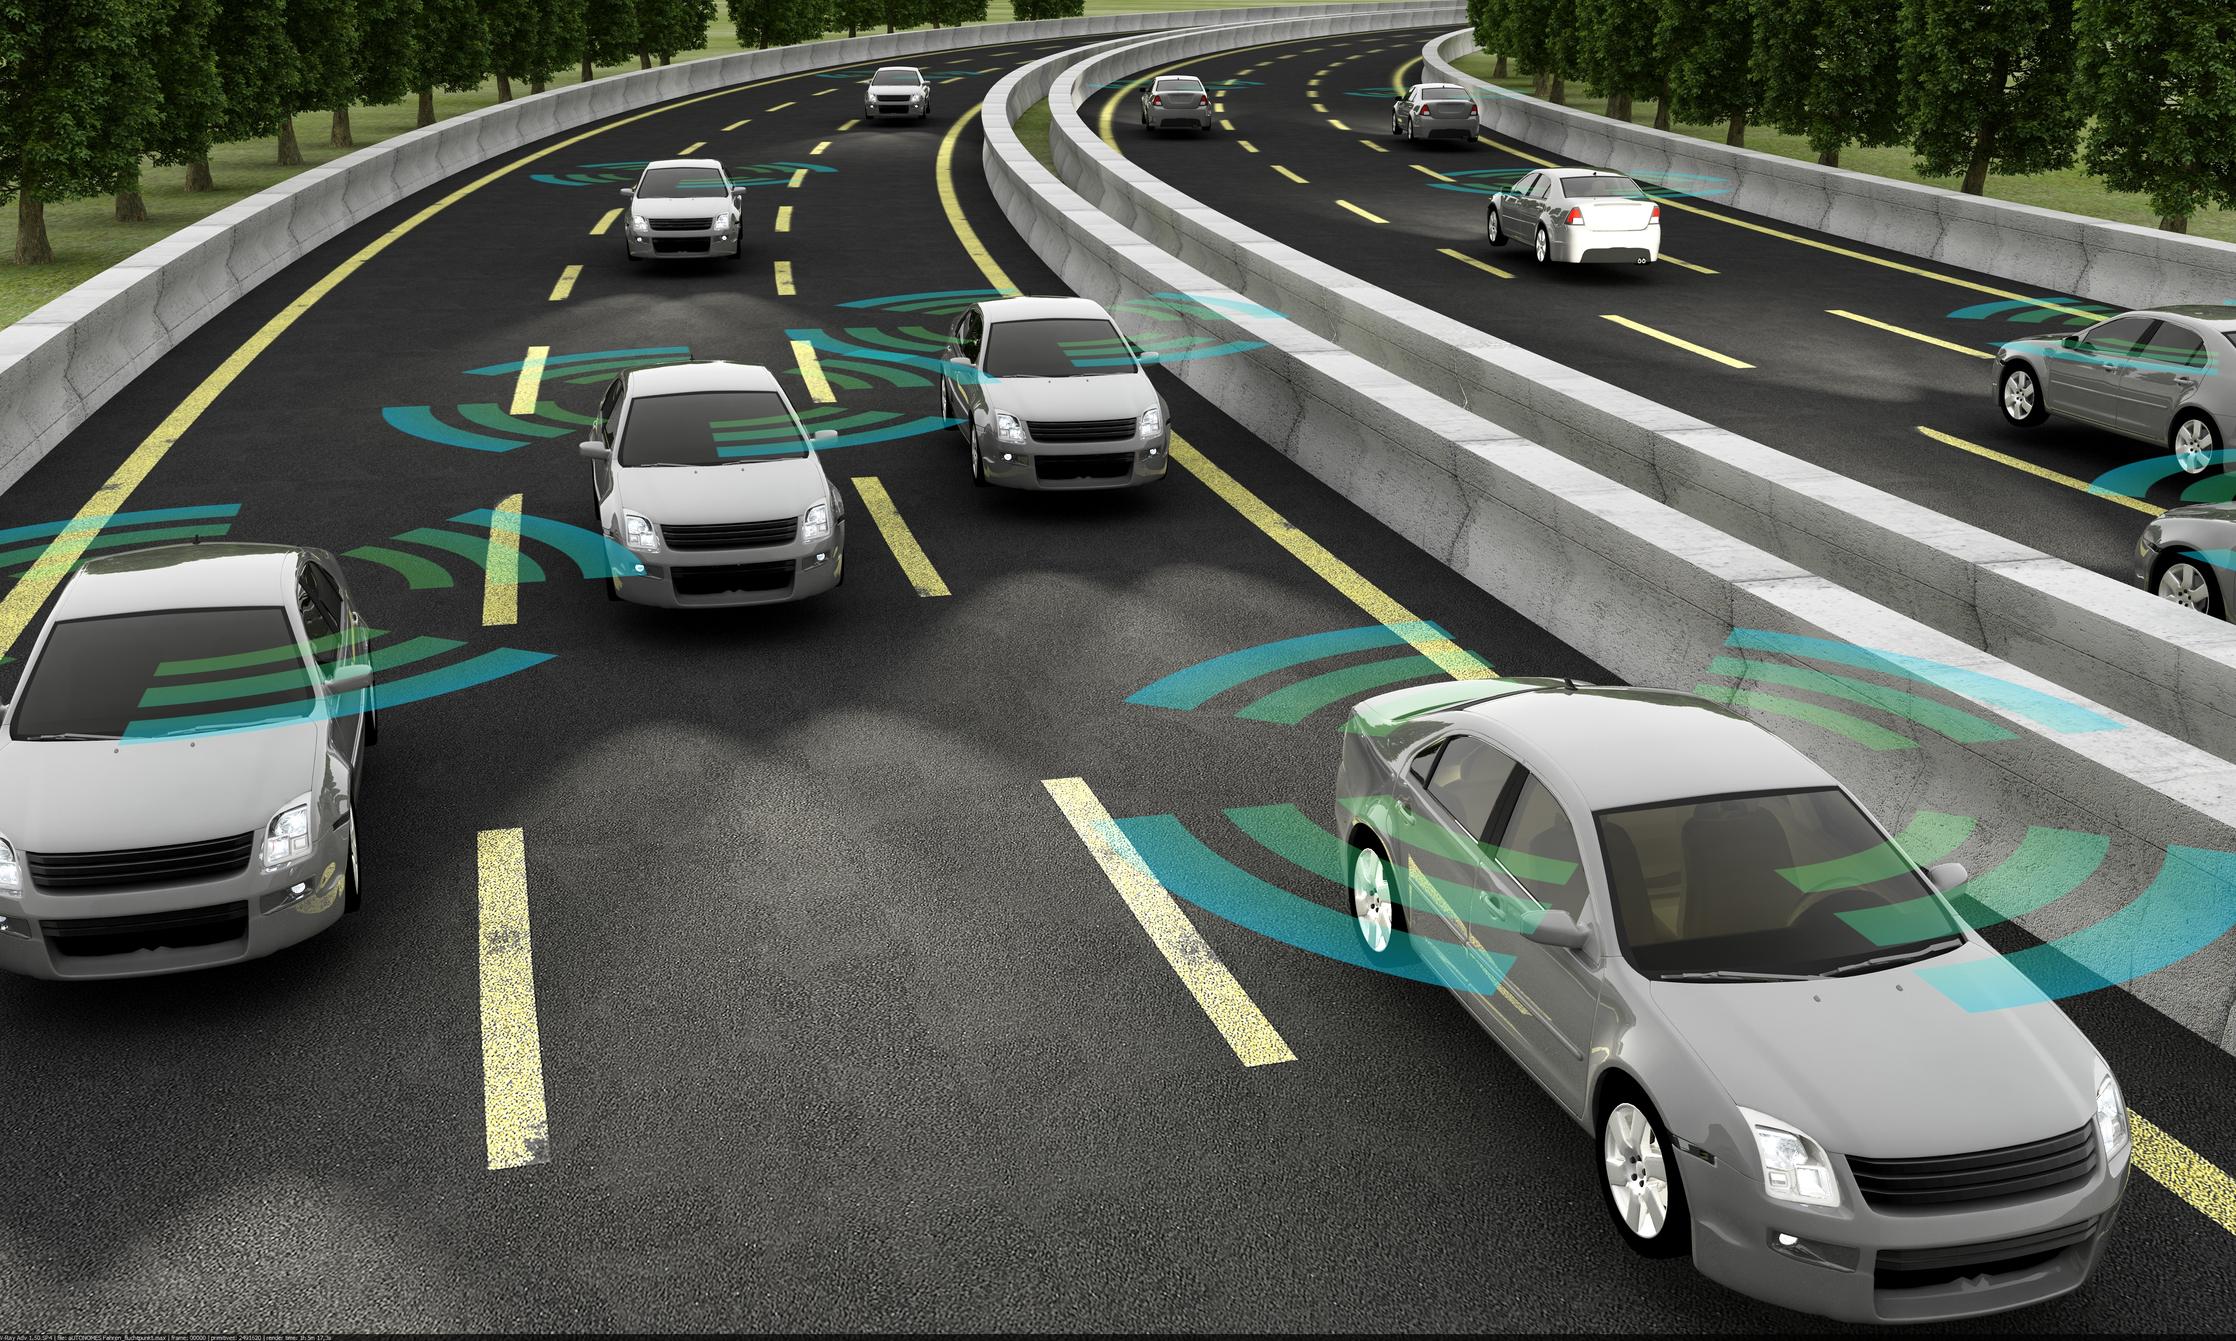 Een voertuig tracking systeem